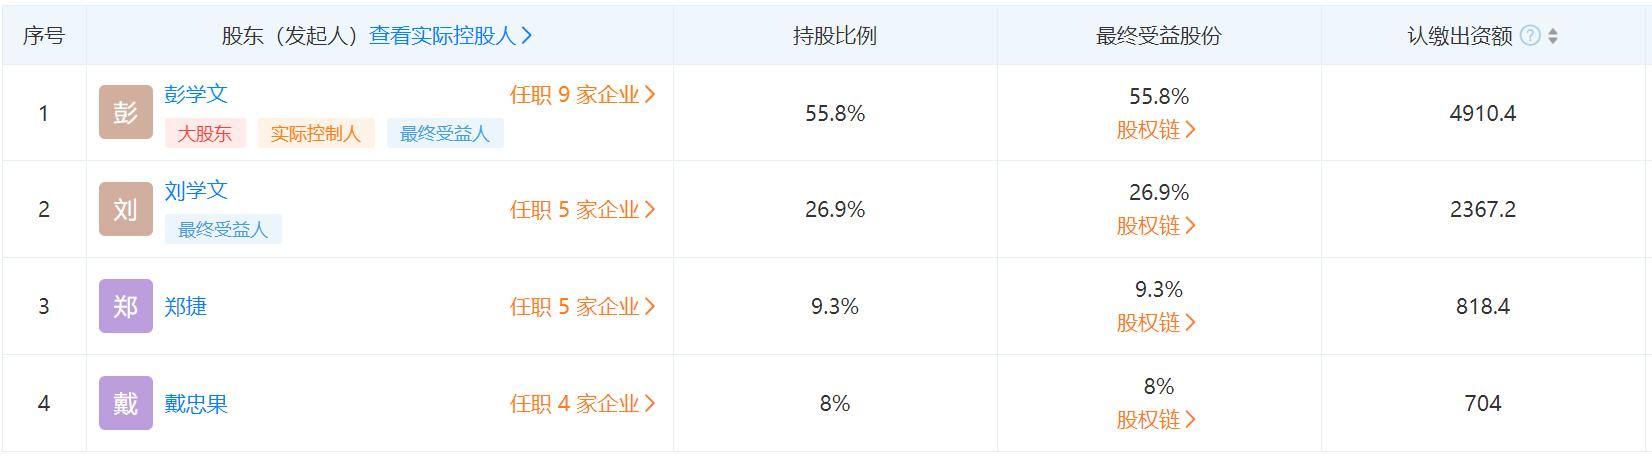 腾龙健康拟冲刺A股,公司法定代表人彭学文为第一股东持股55.8%